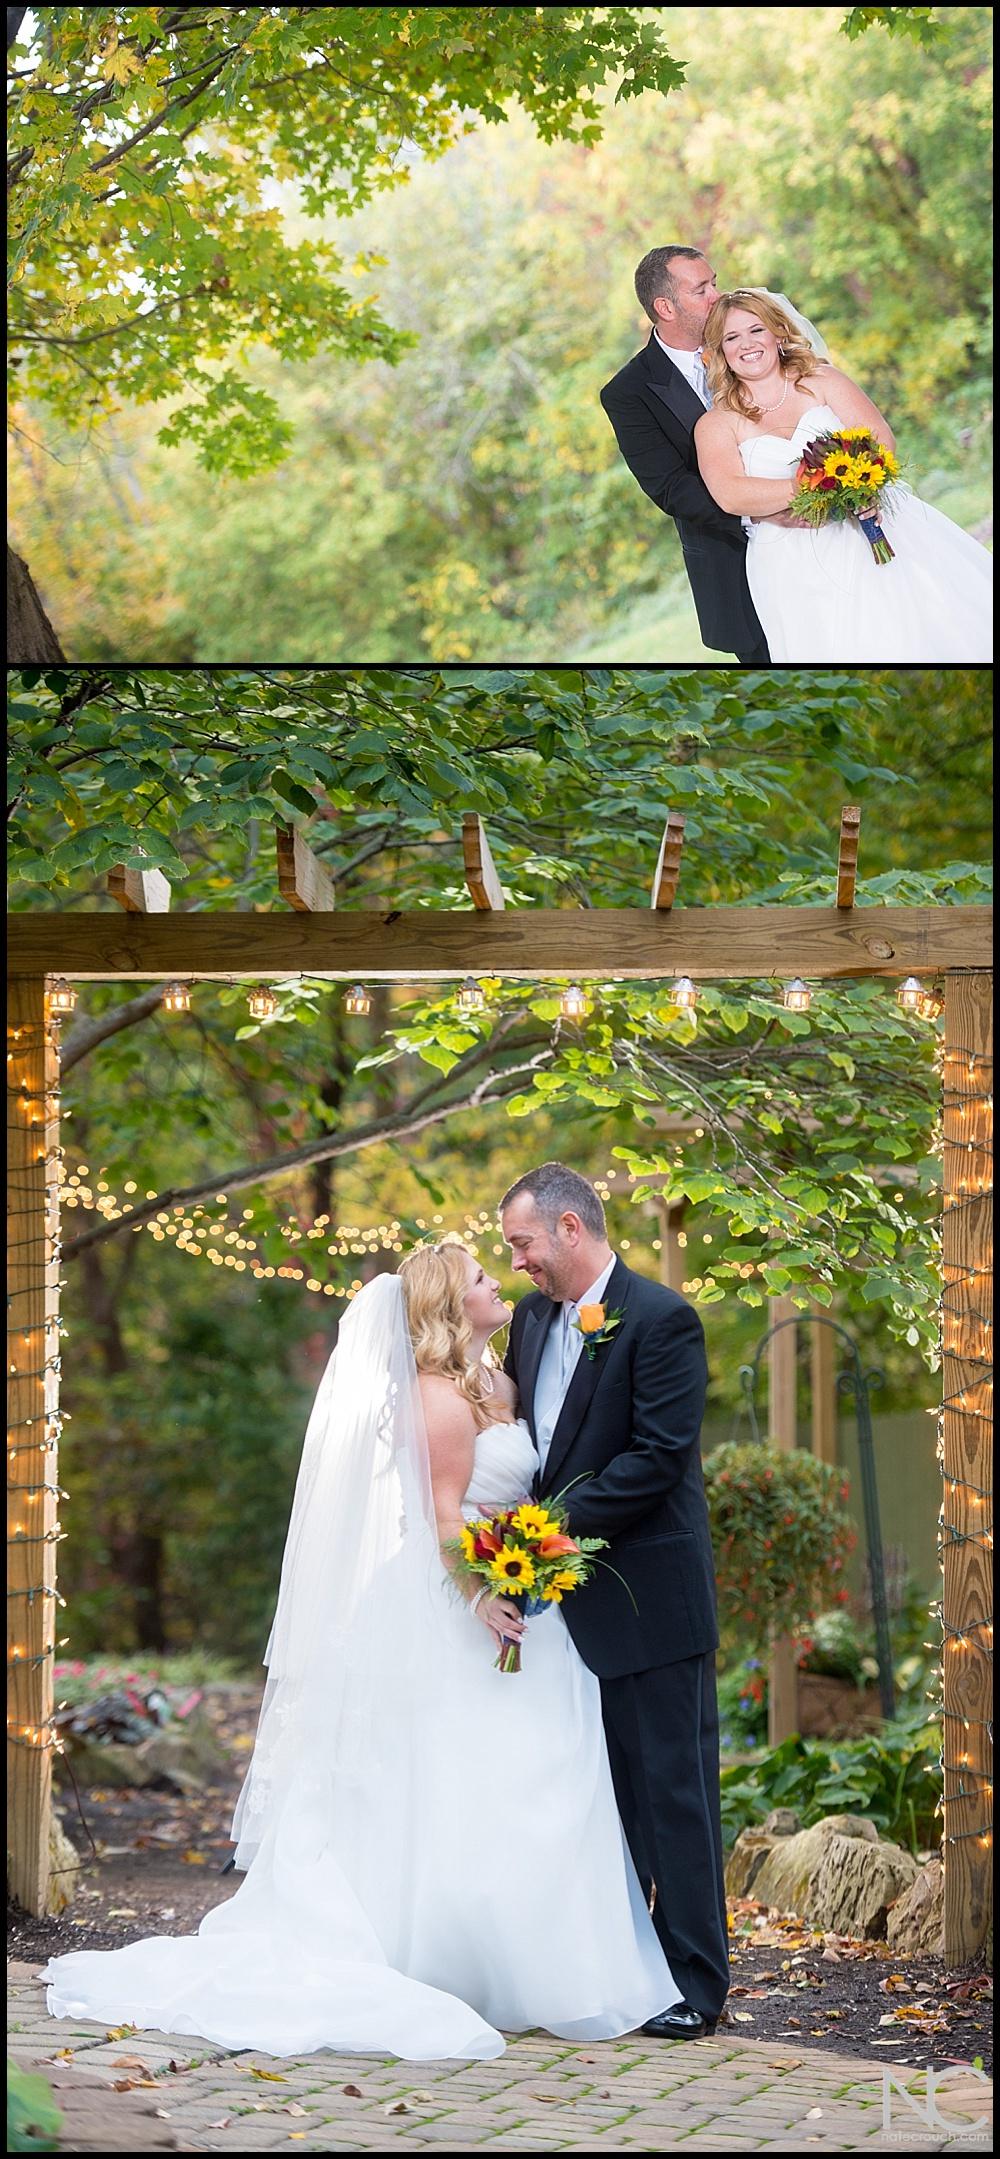 2015-10-13_0019.jpg